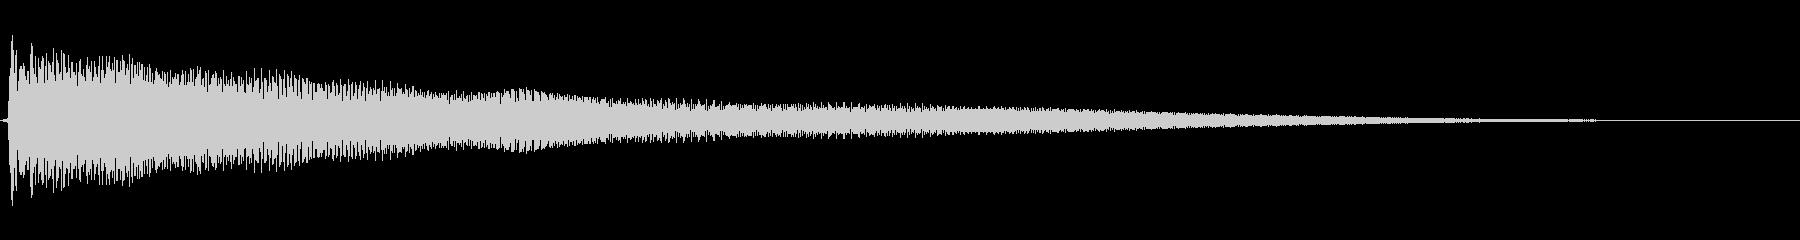 アコースティックギター二本 チャーンの未再生の波形